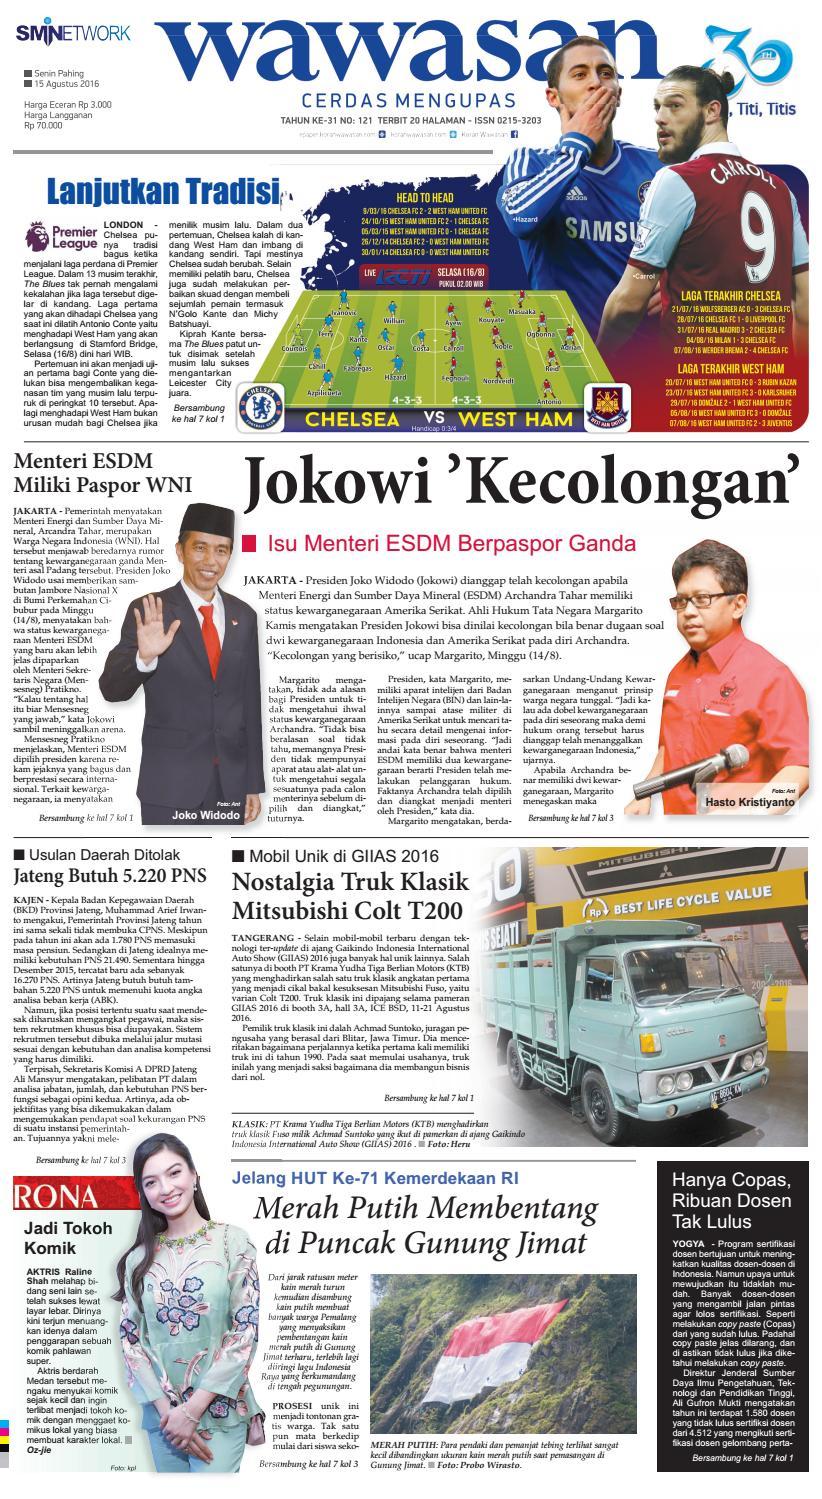 Wawasan 15 Agustus 2016 By Koran Pagi Issuu Produk Ukm Bumn Jus Durian Lite Kuning Omah Duren